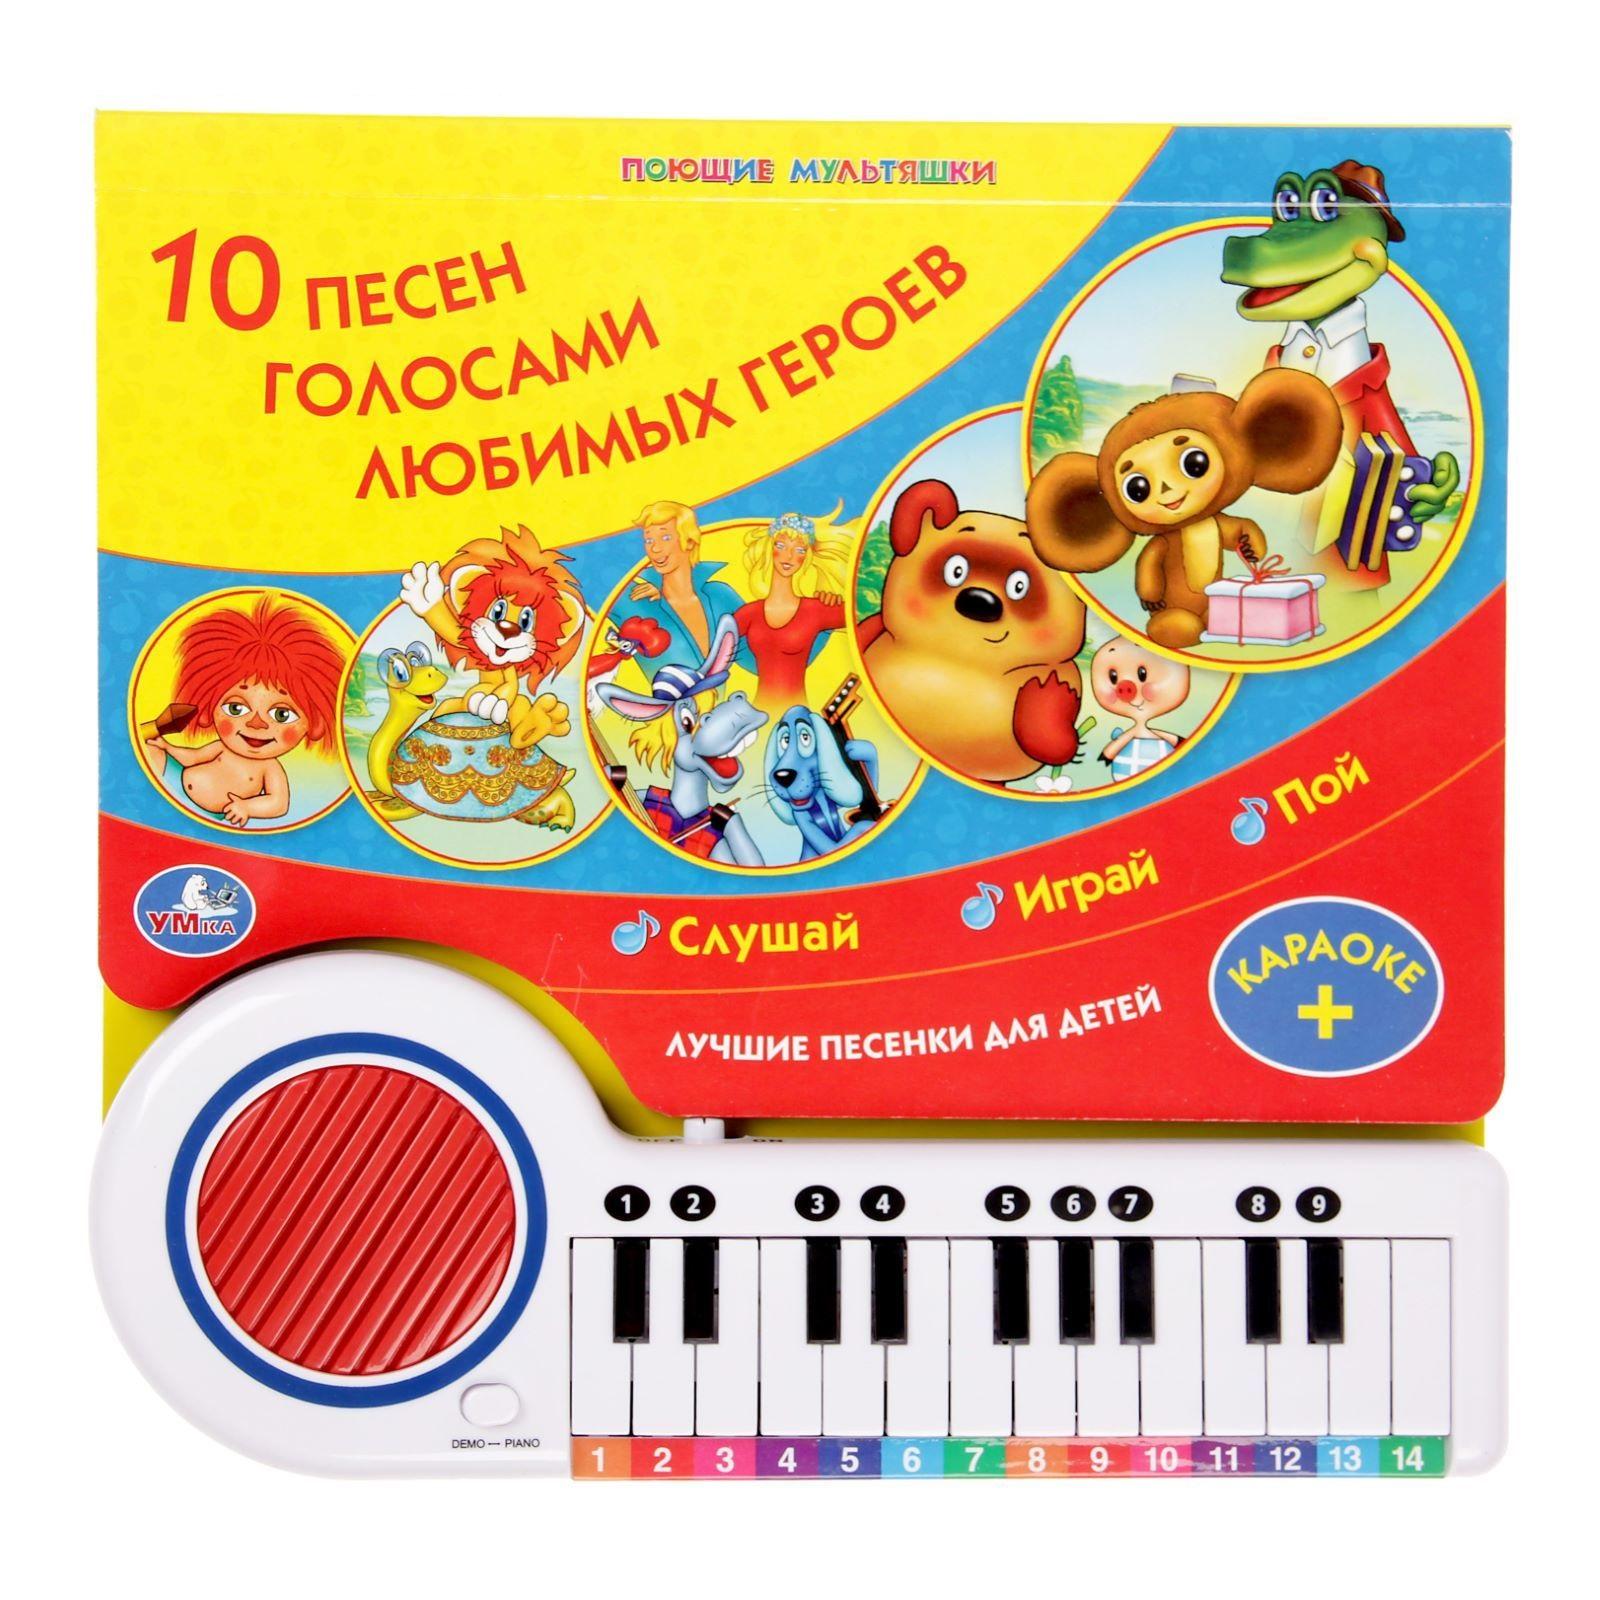 Купить Книга-пианино – Союзмультфильм - 10 песен голосами любимых героев sim), Умка